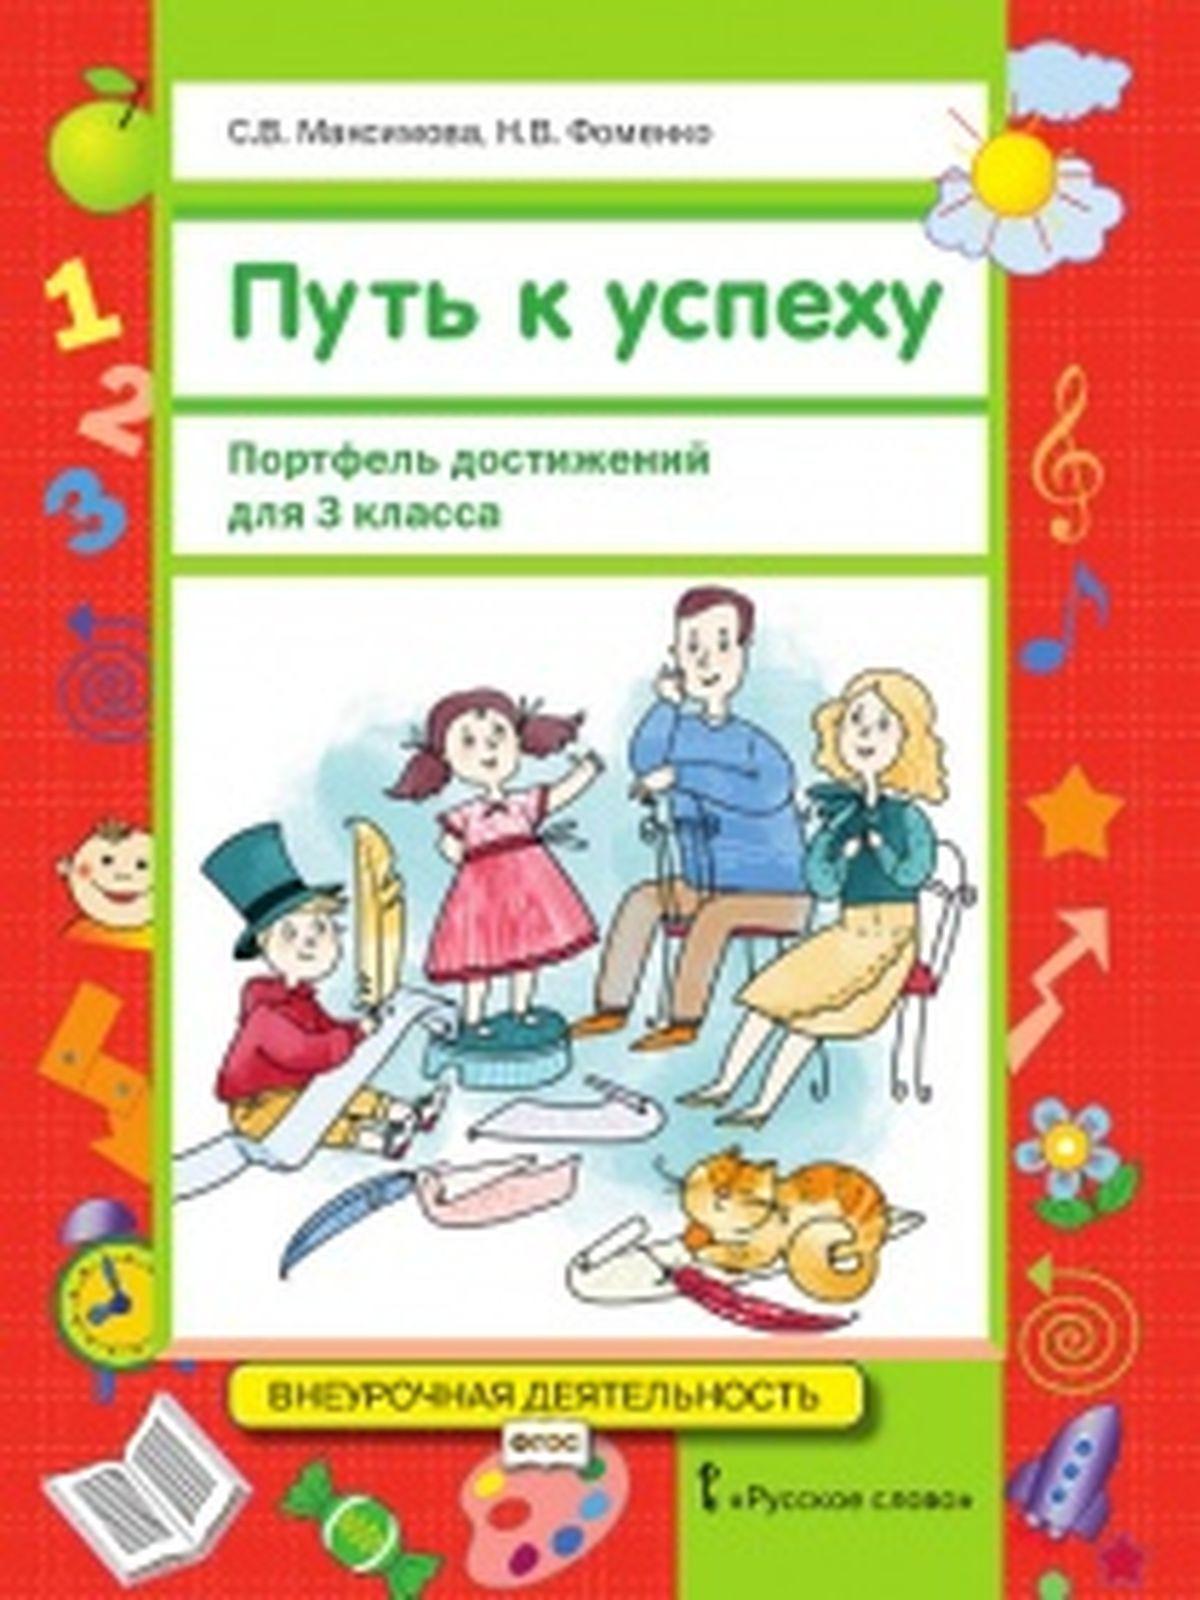 С. В. Максимова, Н. В. Фоменко Путь к успеху. 3 класс. Портфель достижений